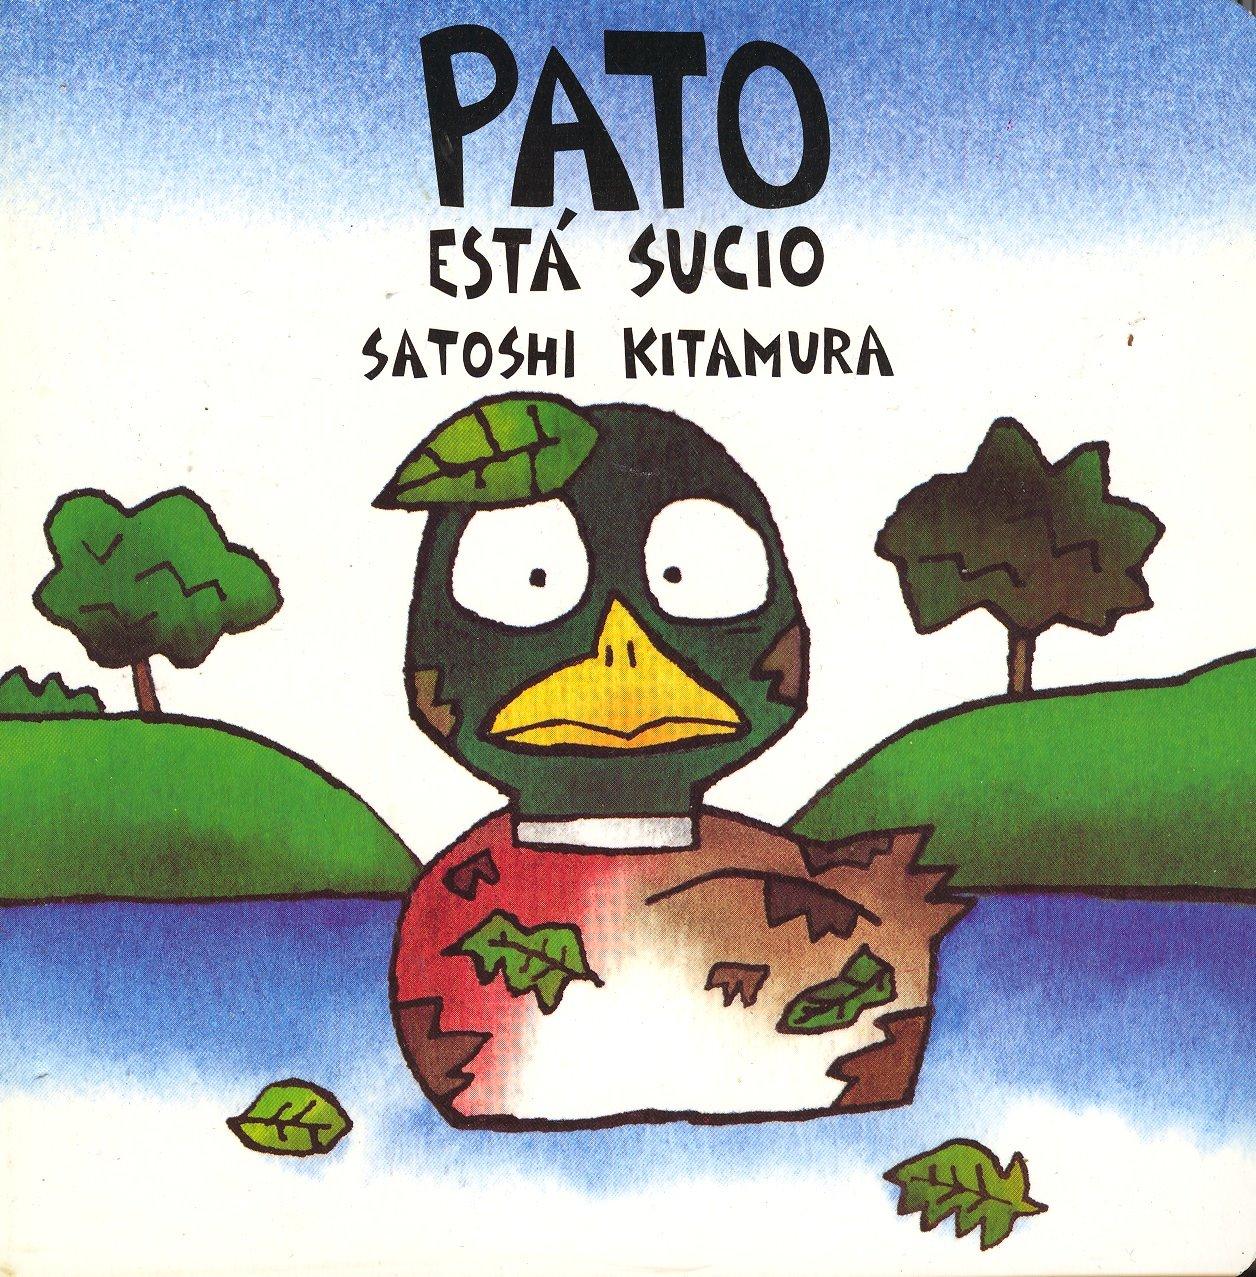 Imagenes De Un Baño Sucio: tiene sueño, Perro tiene sed, Pato está sucio, Ardilla tiene hambre